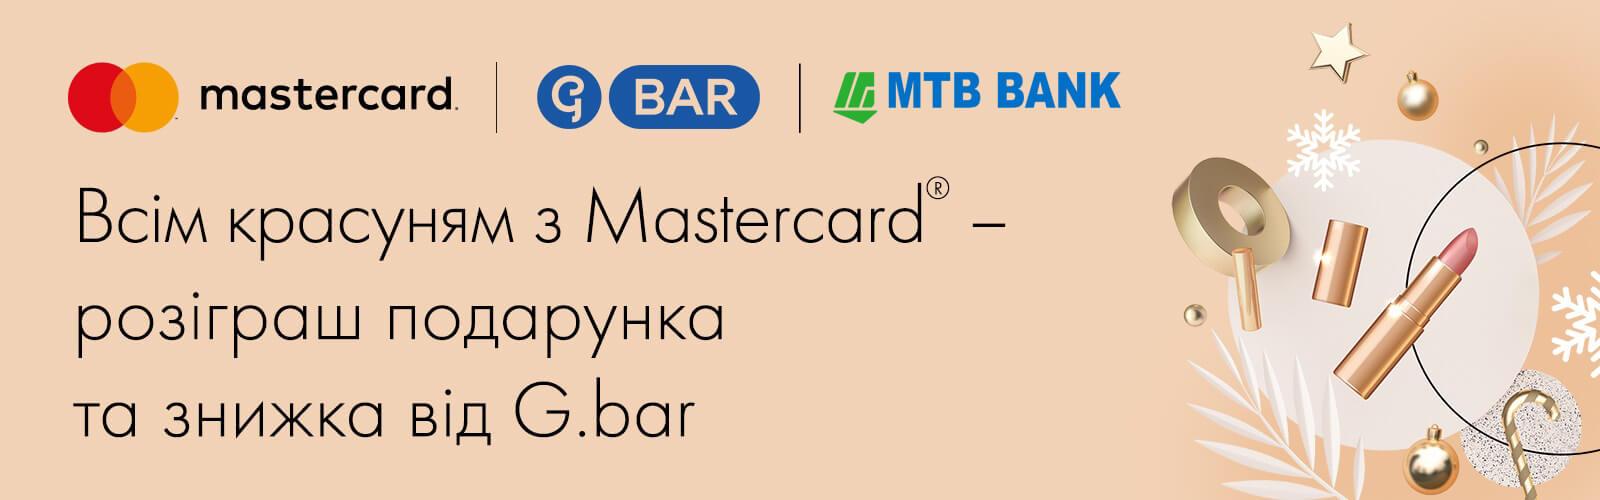 Підкреслити вашу вроду вам допоможе G.bar, а зробити це вигідно – Mastercard. - фото - mtb.ua